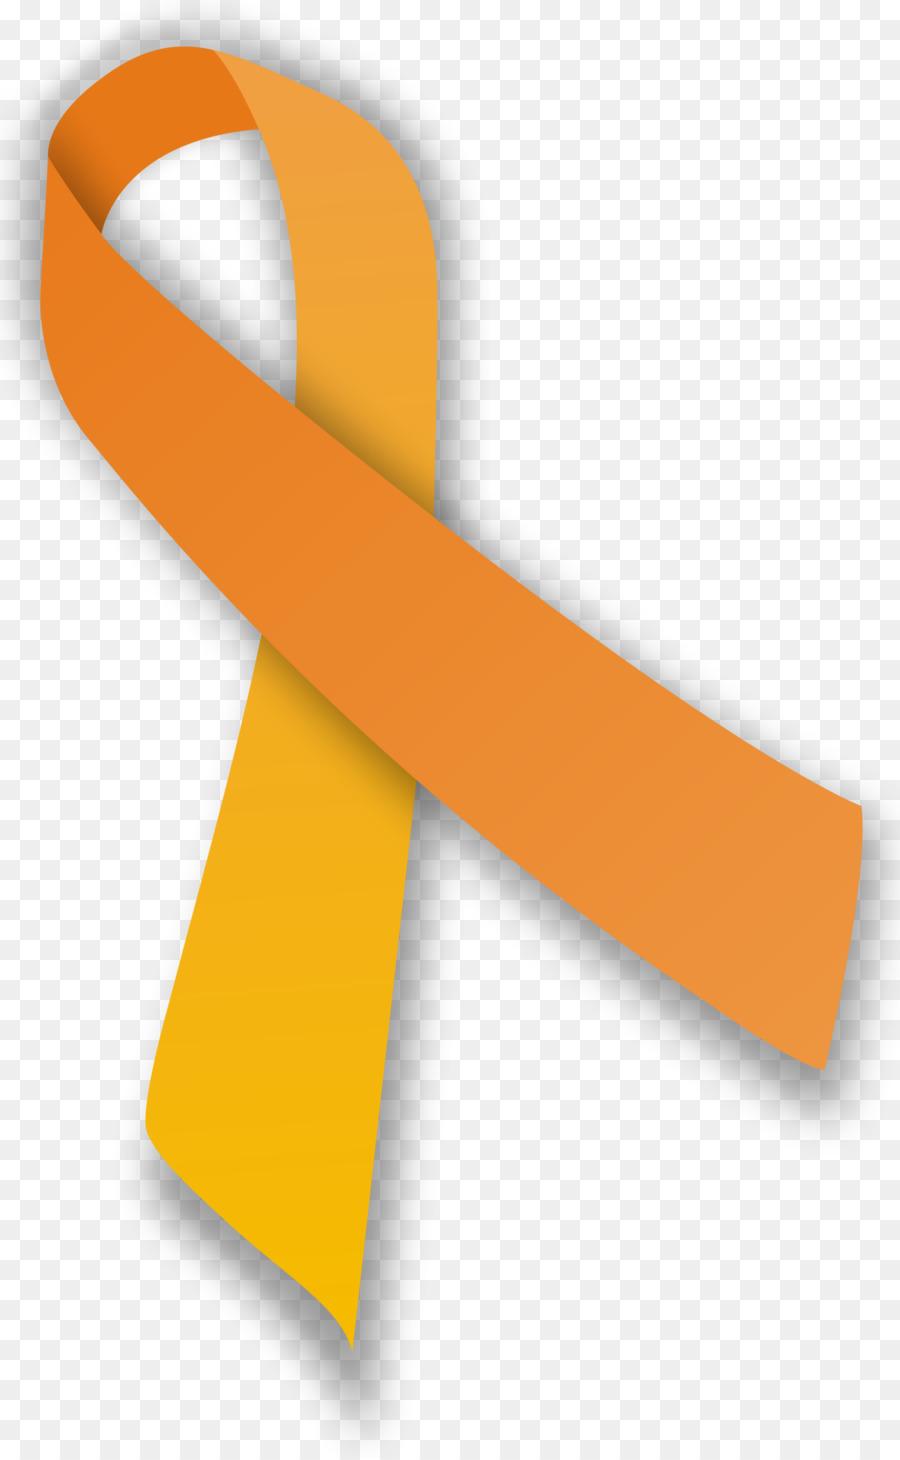 Campaign Ribbon clipart.